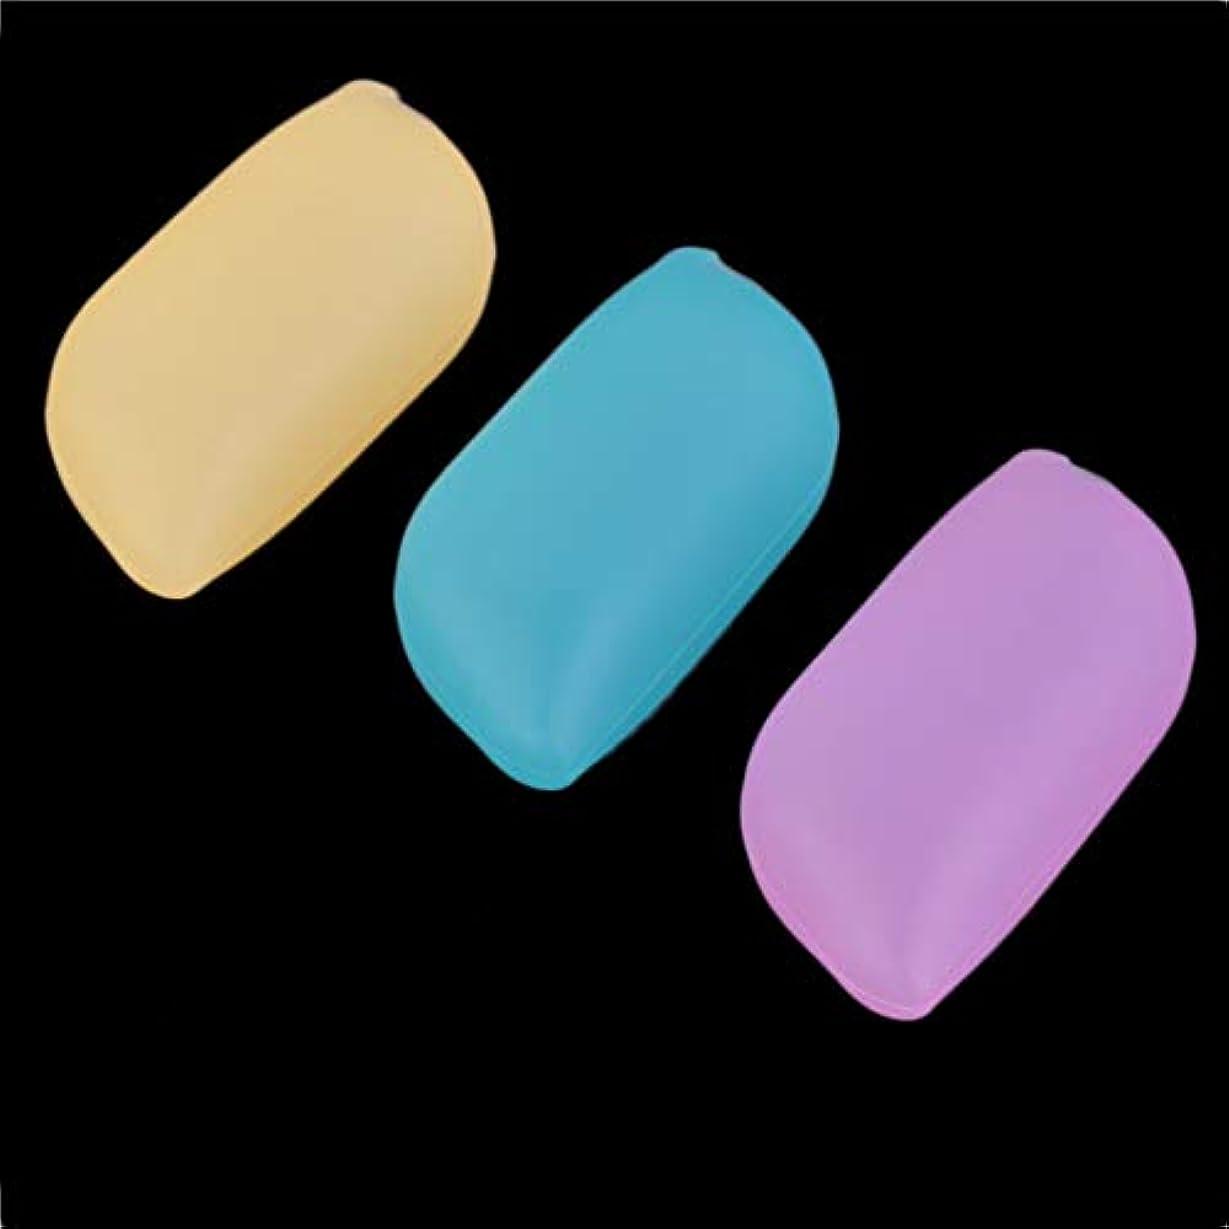 ピニオンの中で傘ポータブル軽量3ピースシリコンソフトトラベルキャンプホールディング歯ブラシヘッドケースカバー保護キャップきれいに保つ